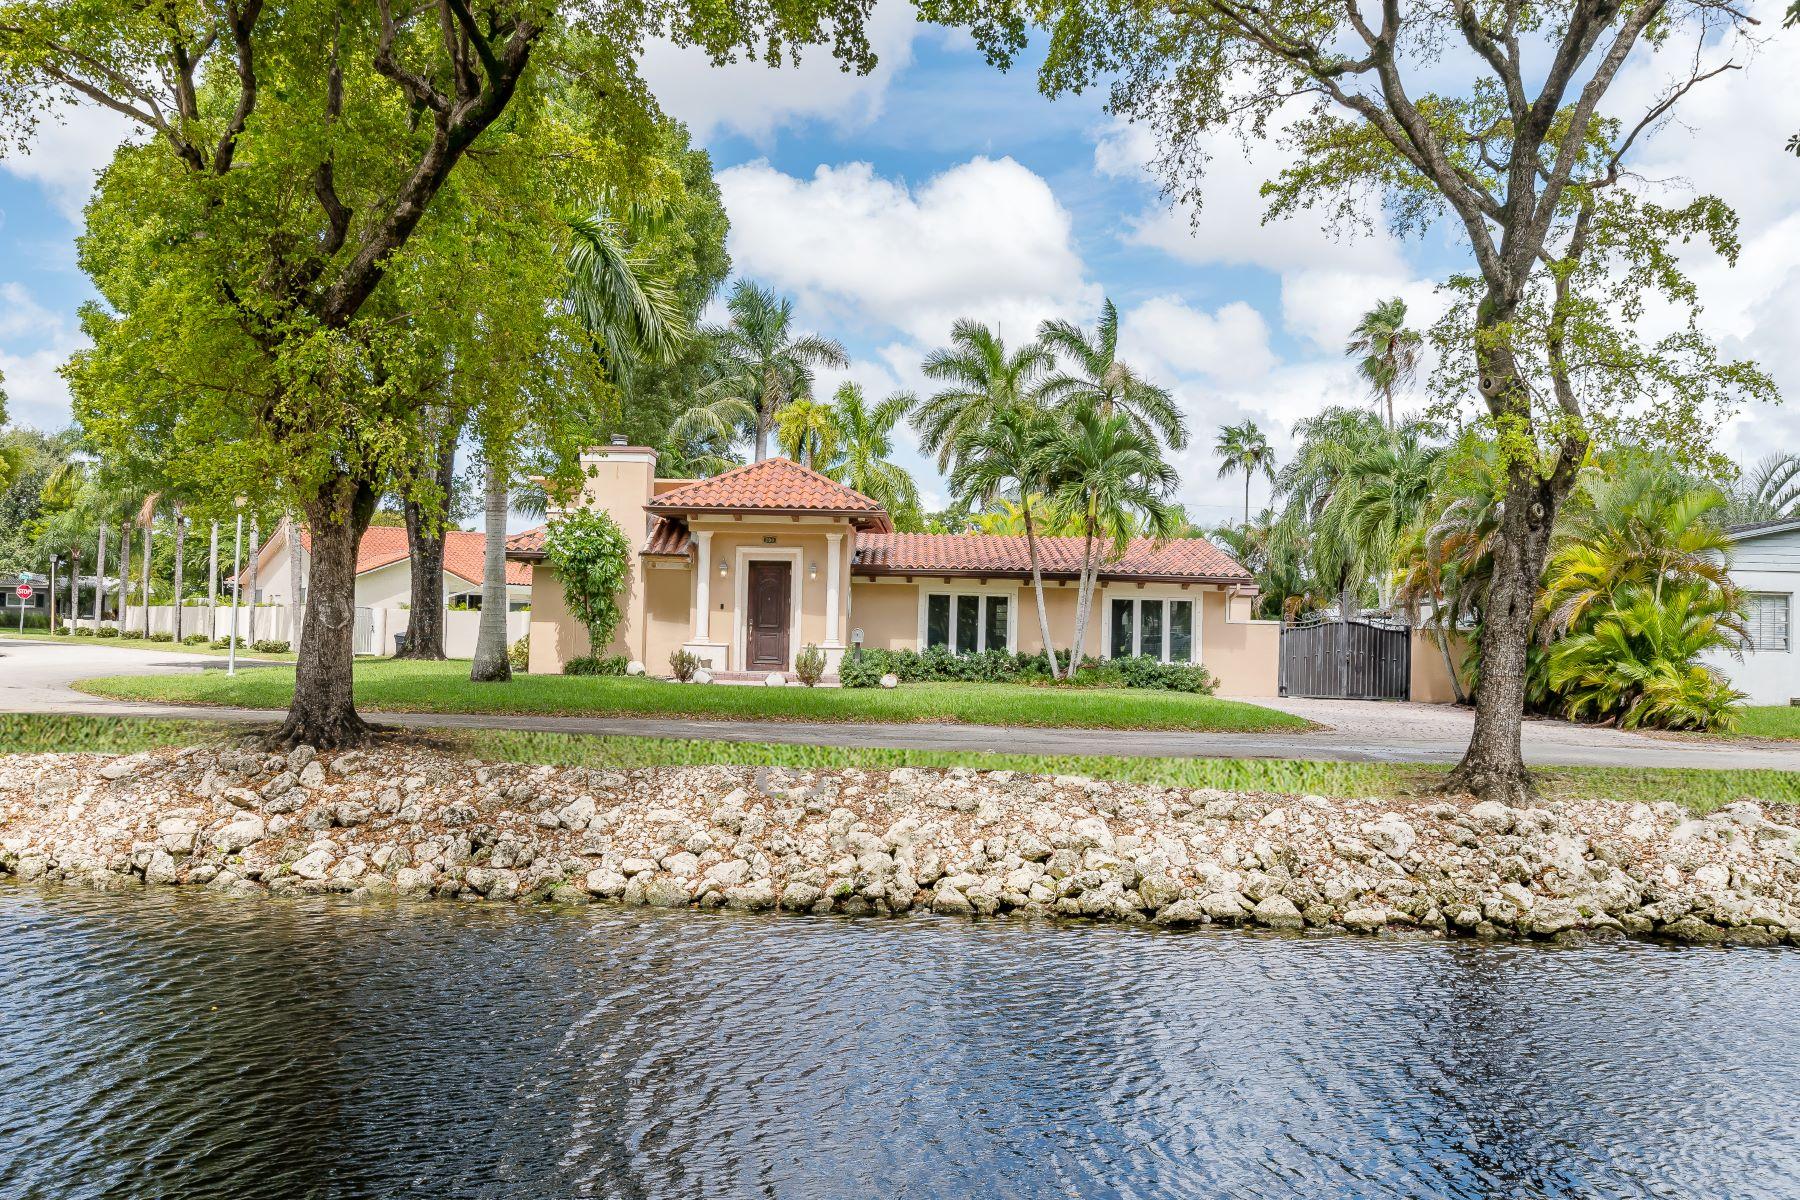 Single Family Homes için Satış at Miami Springs, Florida 33166 Amerika Birleşik Devletleri